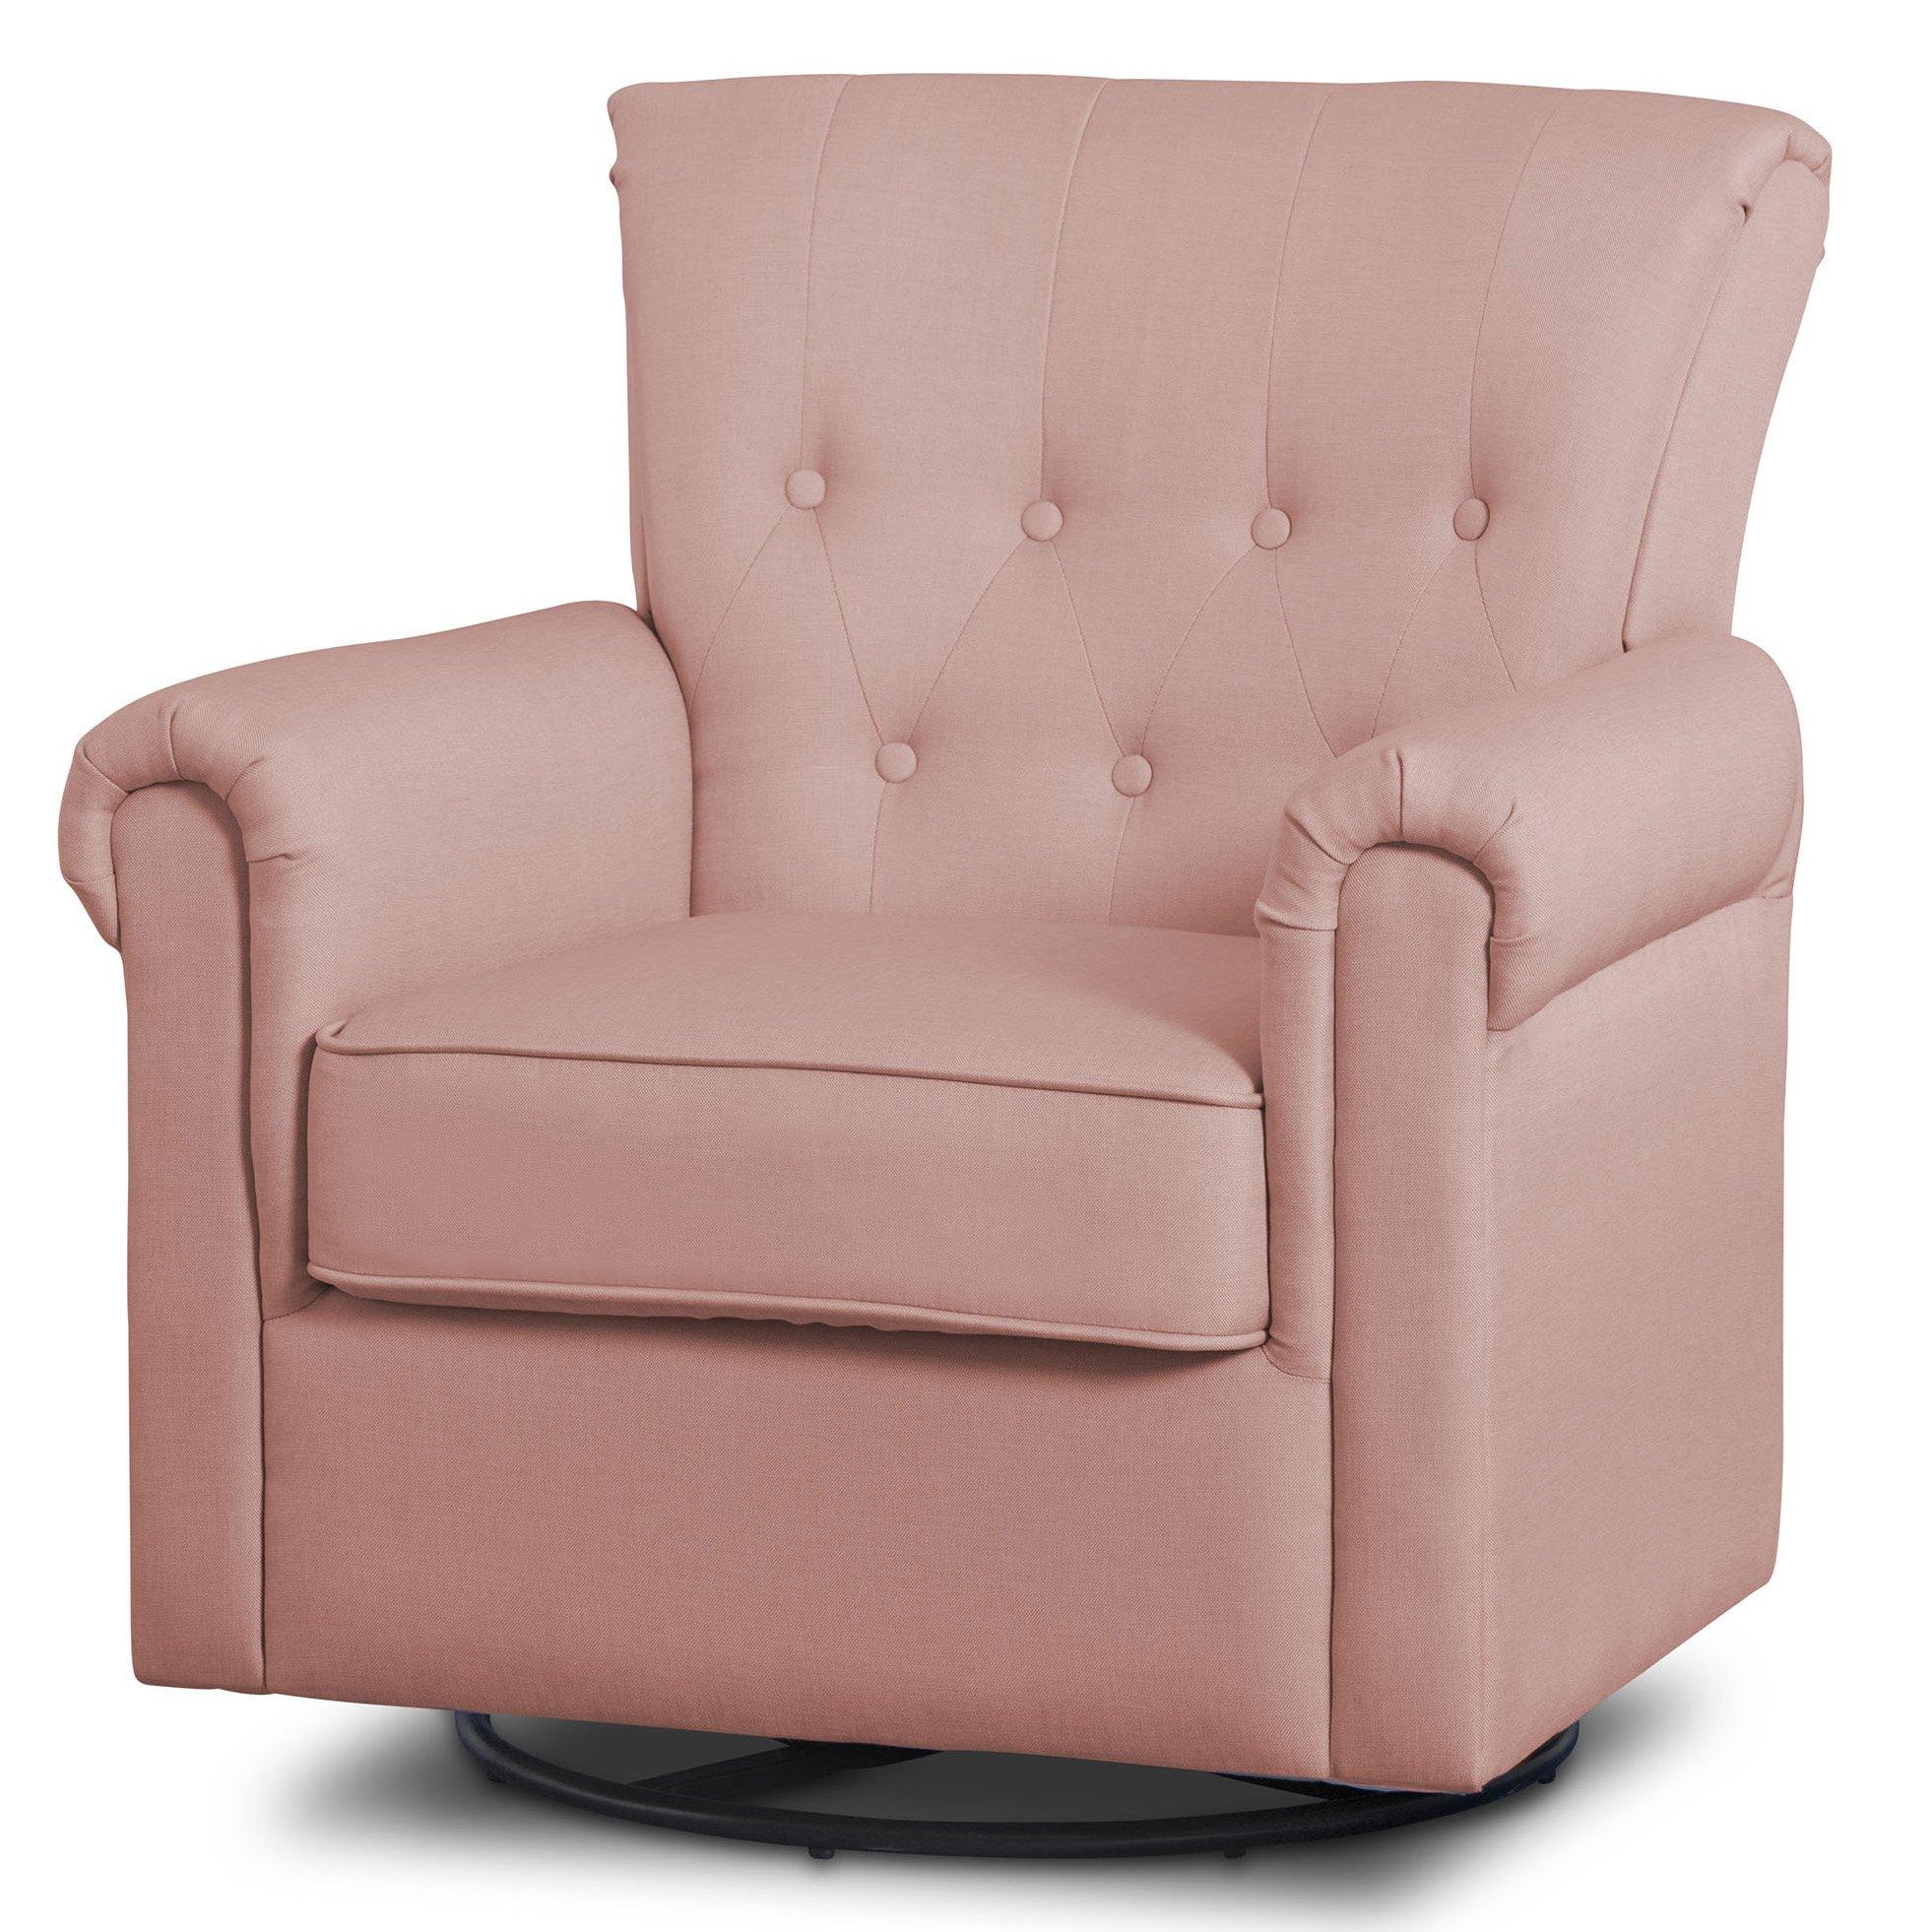 Delta Children Harper Glider Swivel Rocker Chair, Blush by Delta Children